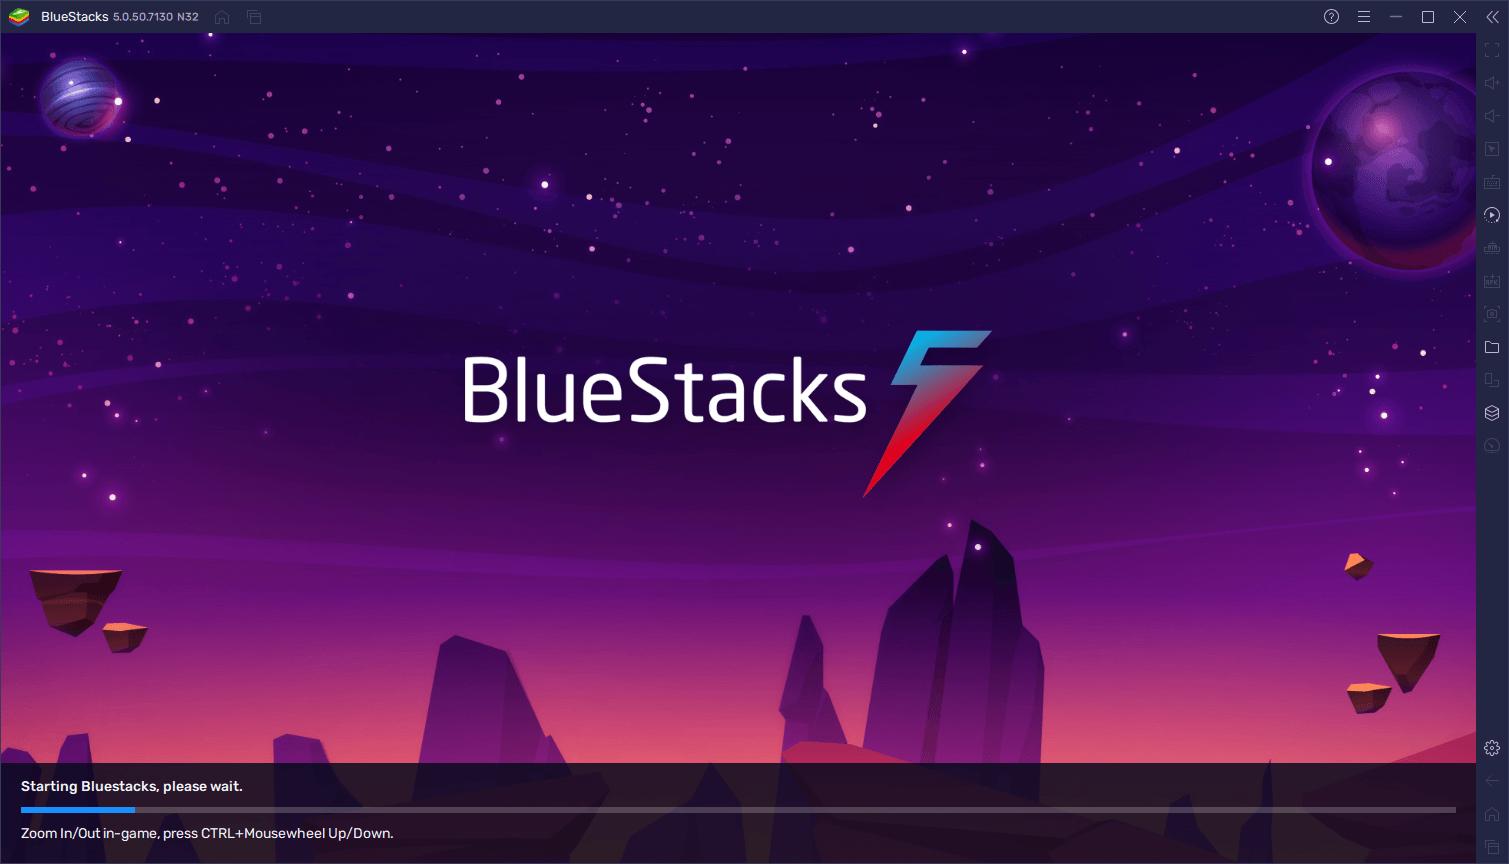 تضمن ميزة تشذيب الذاكرة (Trim Memory ) الموجودة في محاكي 5 BlueStacks  ممارسة الألعاب الخالية من التأخير مع أقل استخدام ممكن لذاكرة الوصول العشوائي